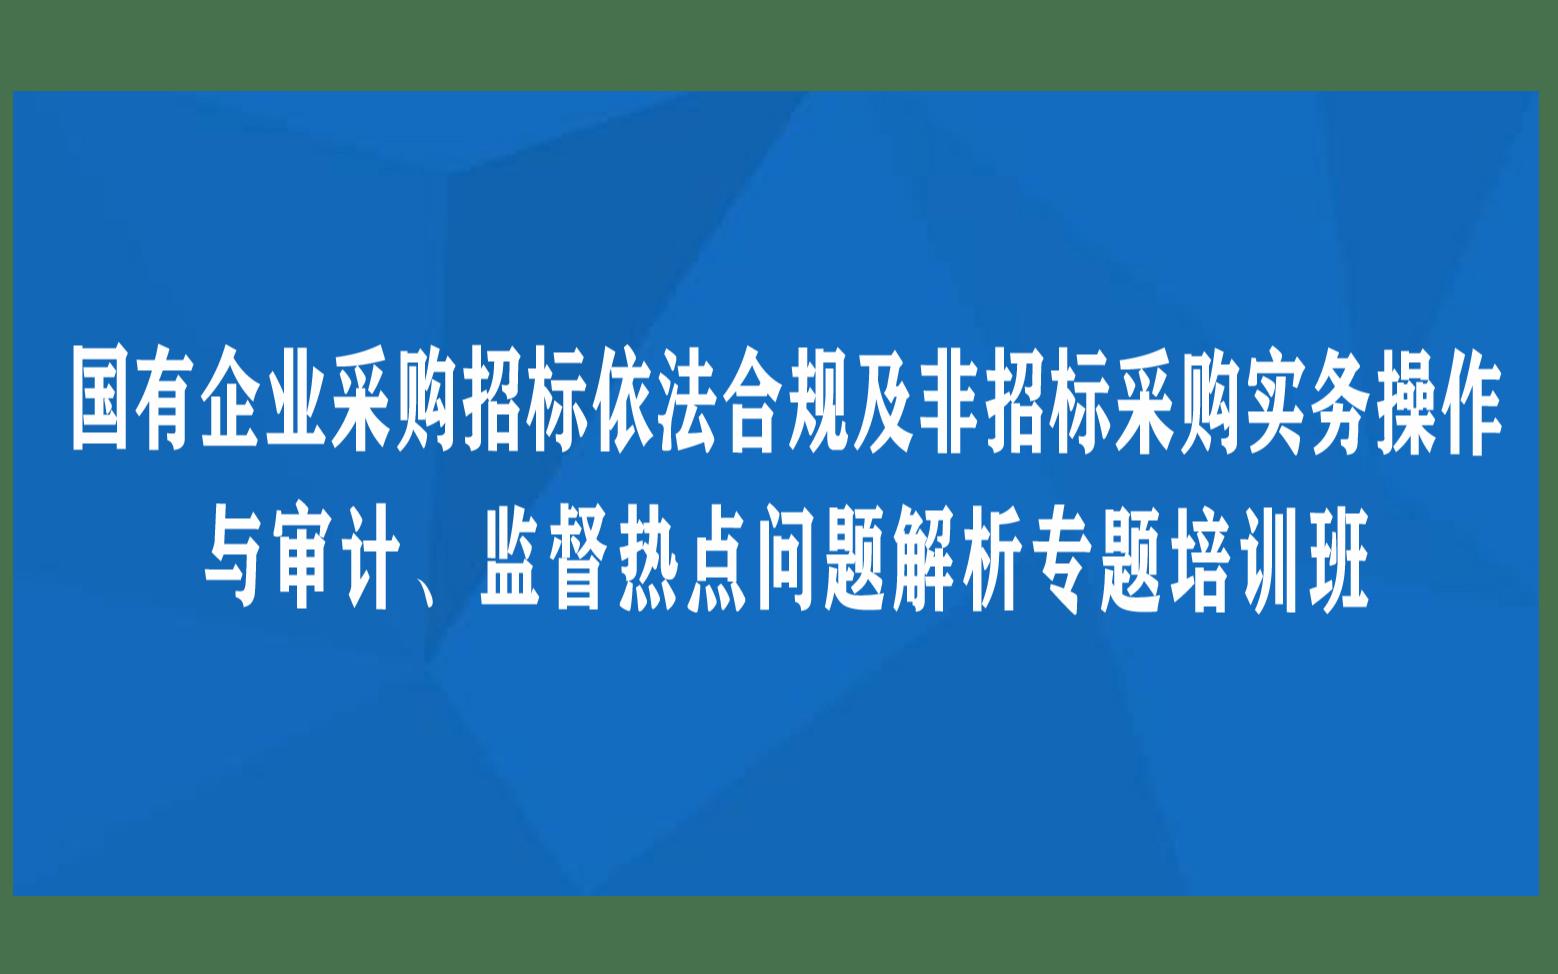 线下课程:国有企业采购招标依法合规及非招标采购实务操作与审计、监督热点问题解析专题培训班